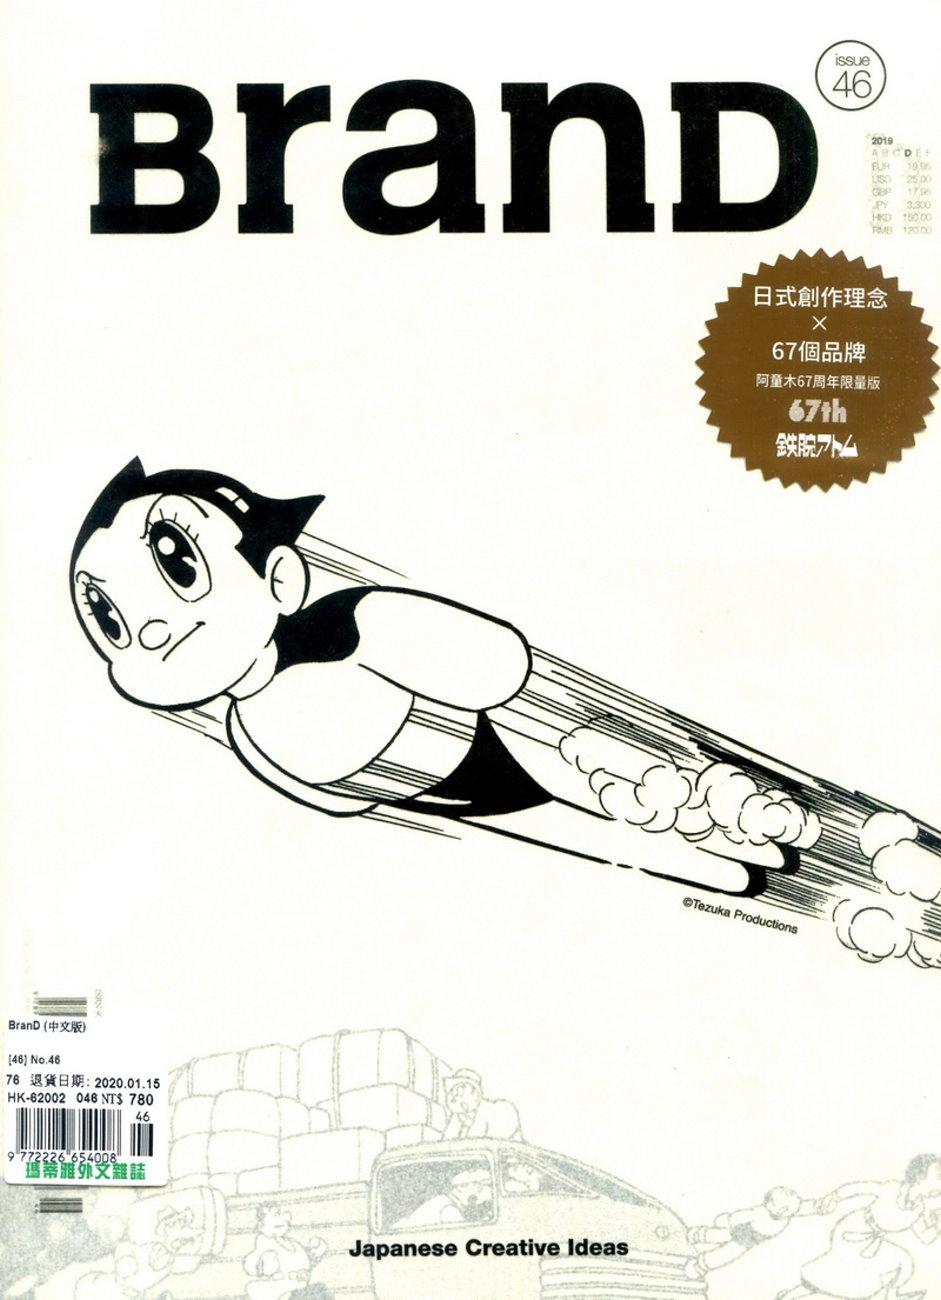 BranD中英文版 第46期